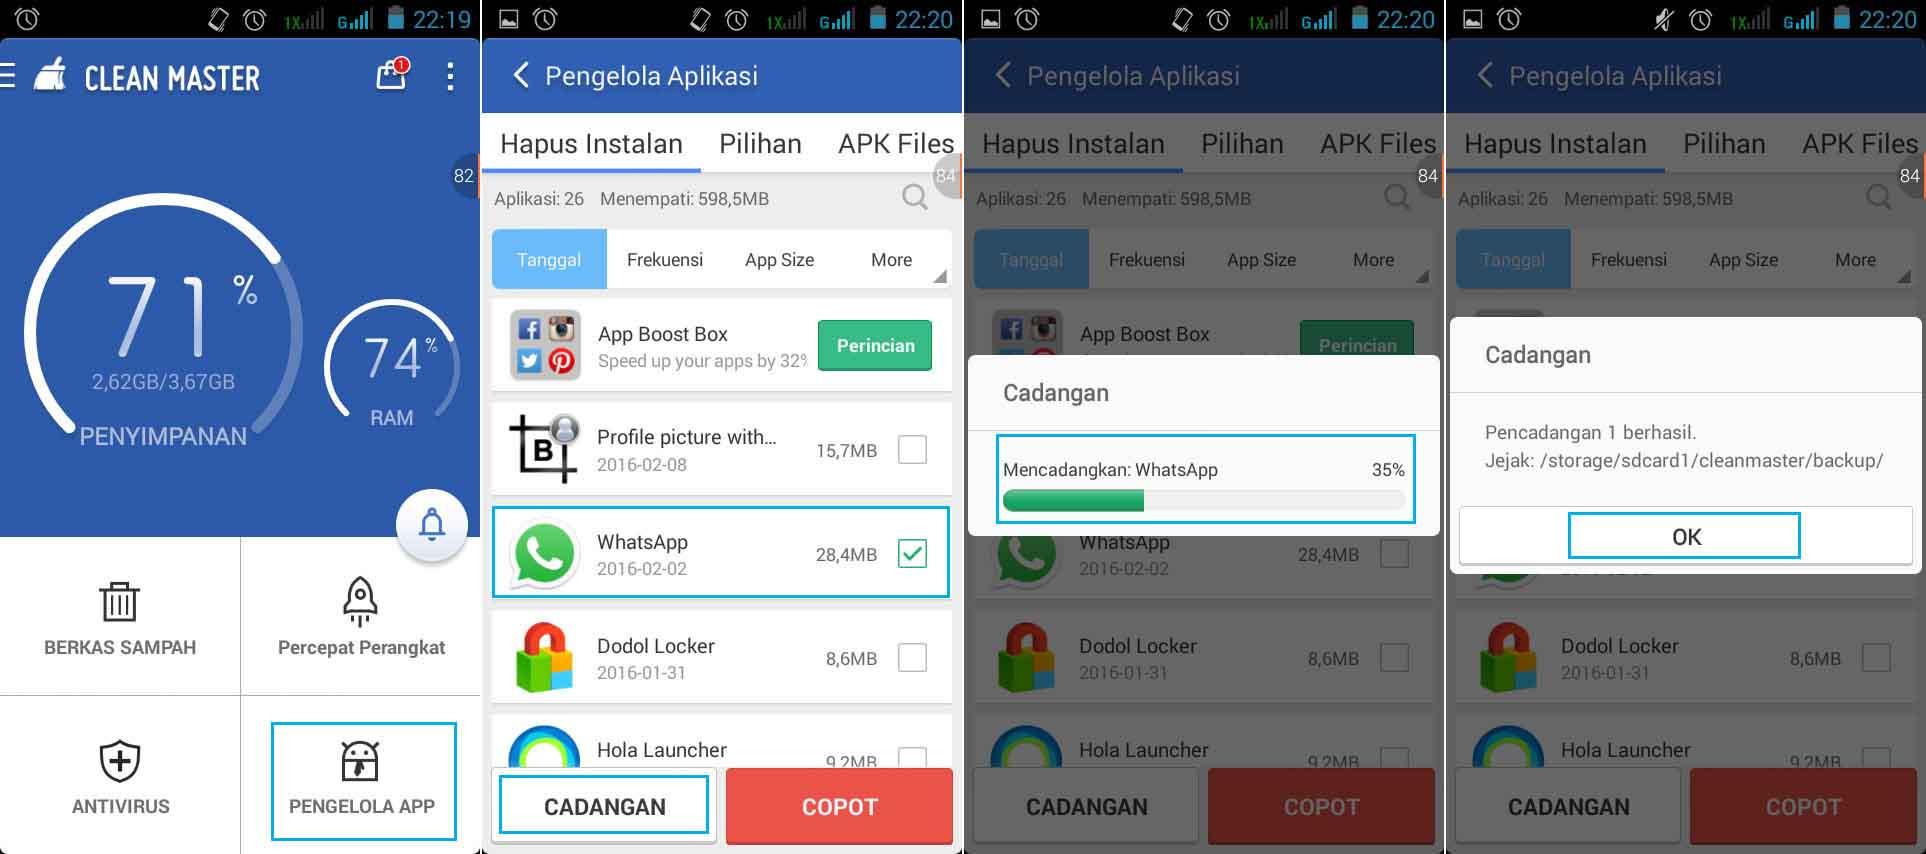 Cara Mengambil File .Apk Dari Aplikasi Android